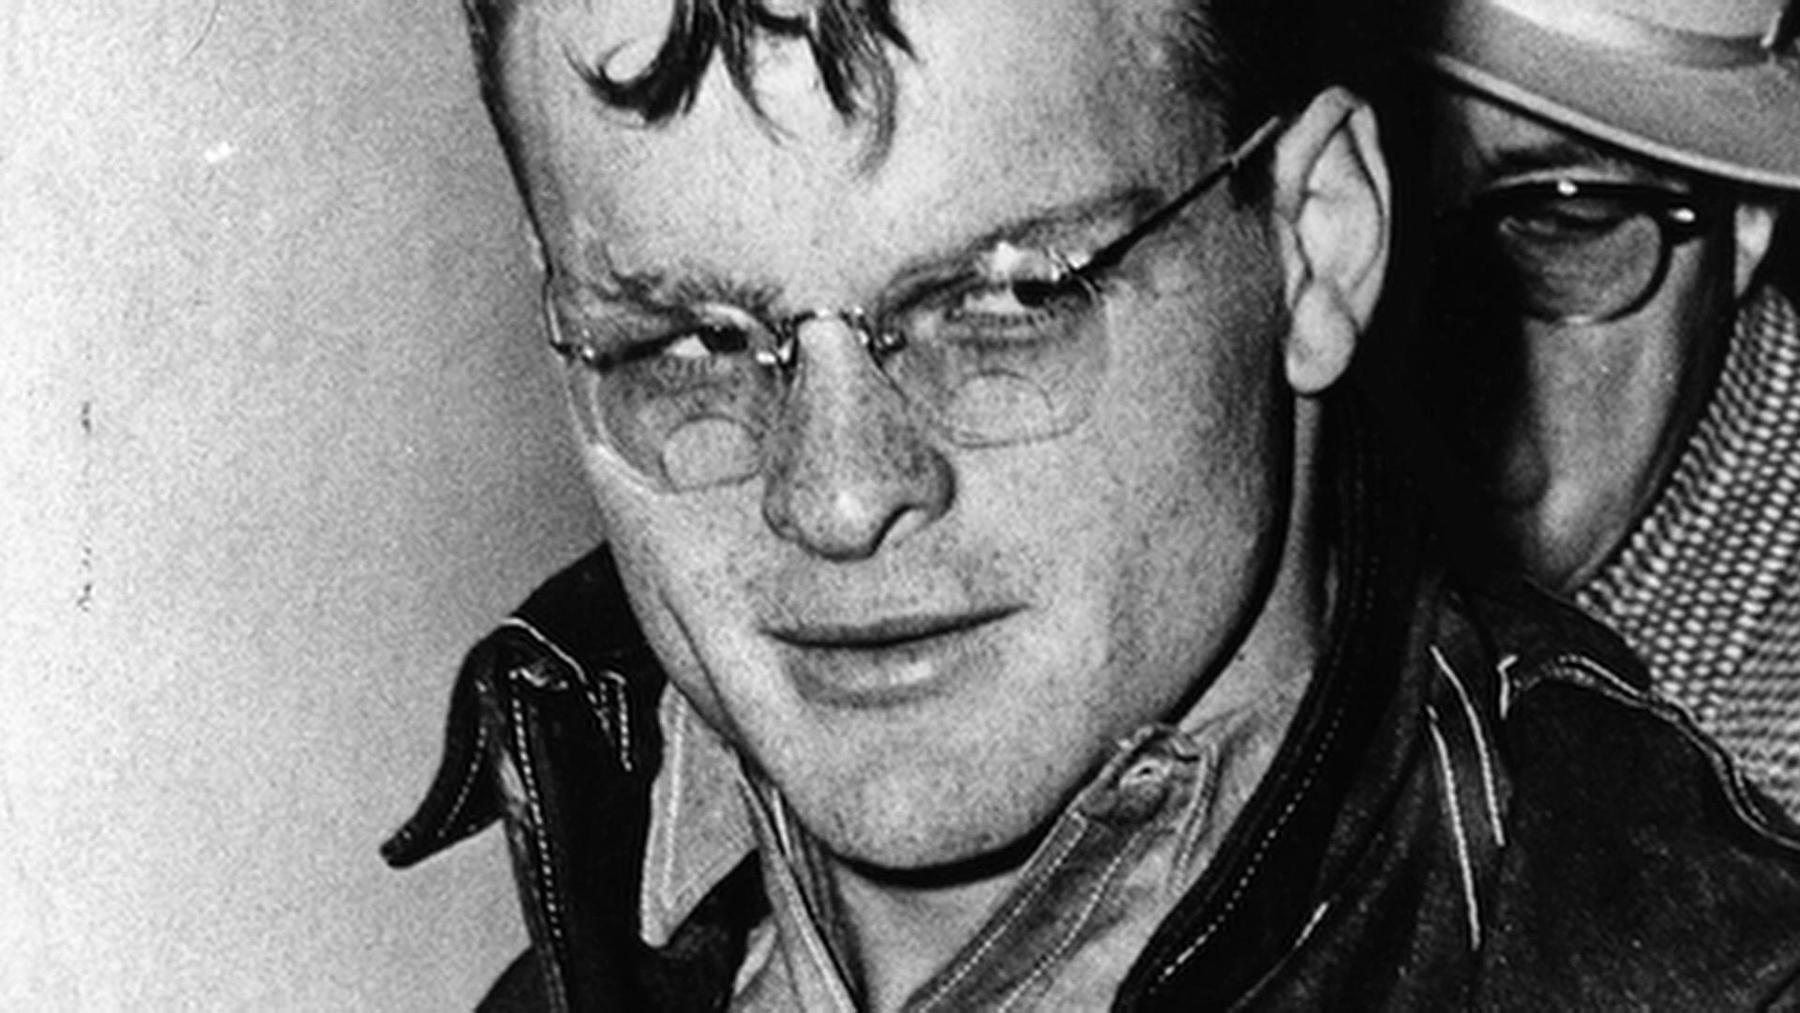 Charles Starkweather - Killer auf der Flucht